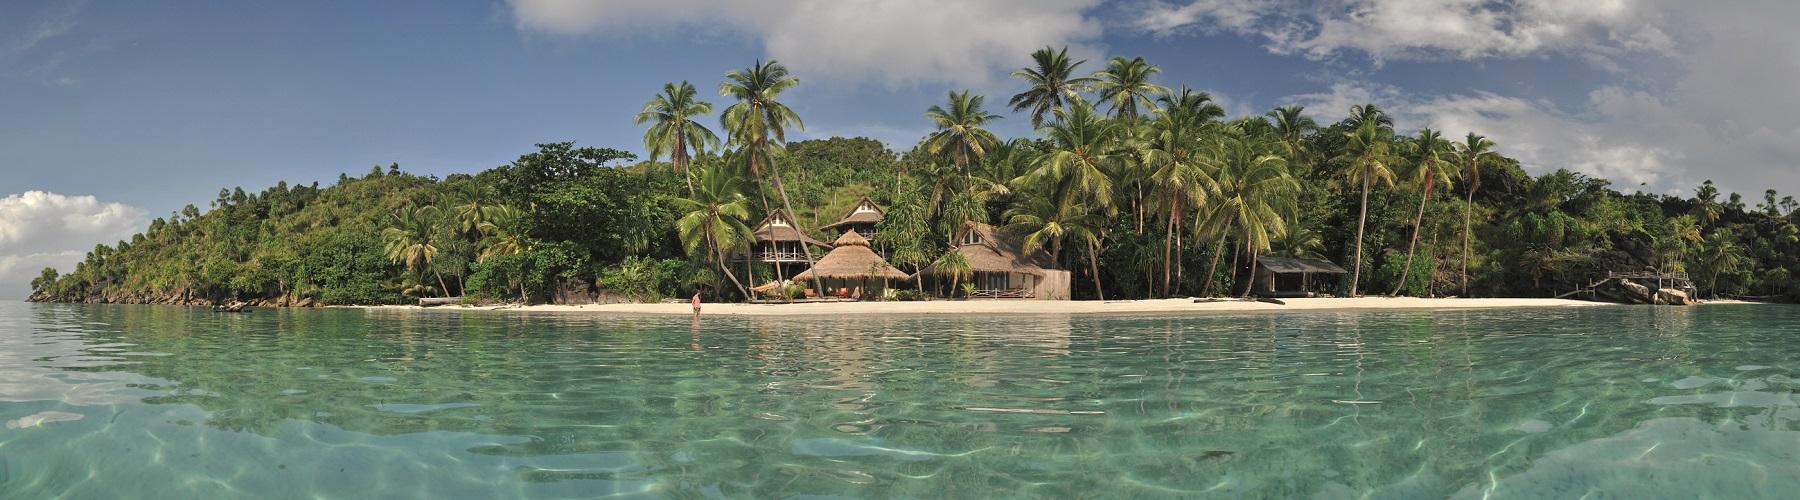 Сулавеси Индонезия